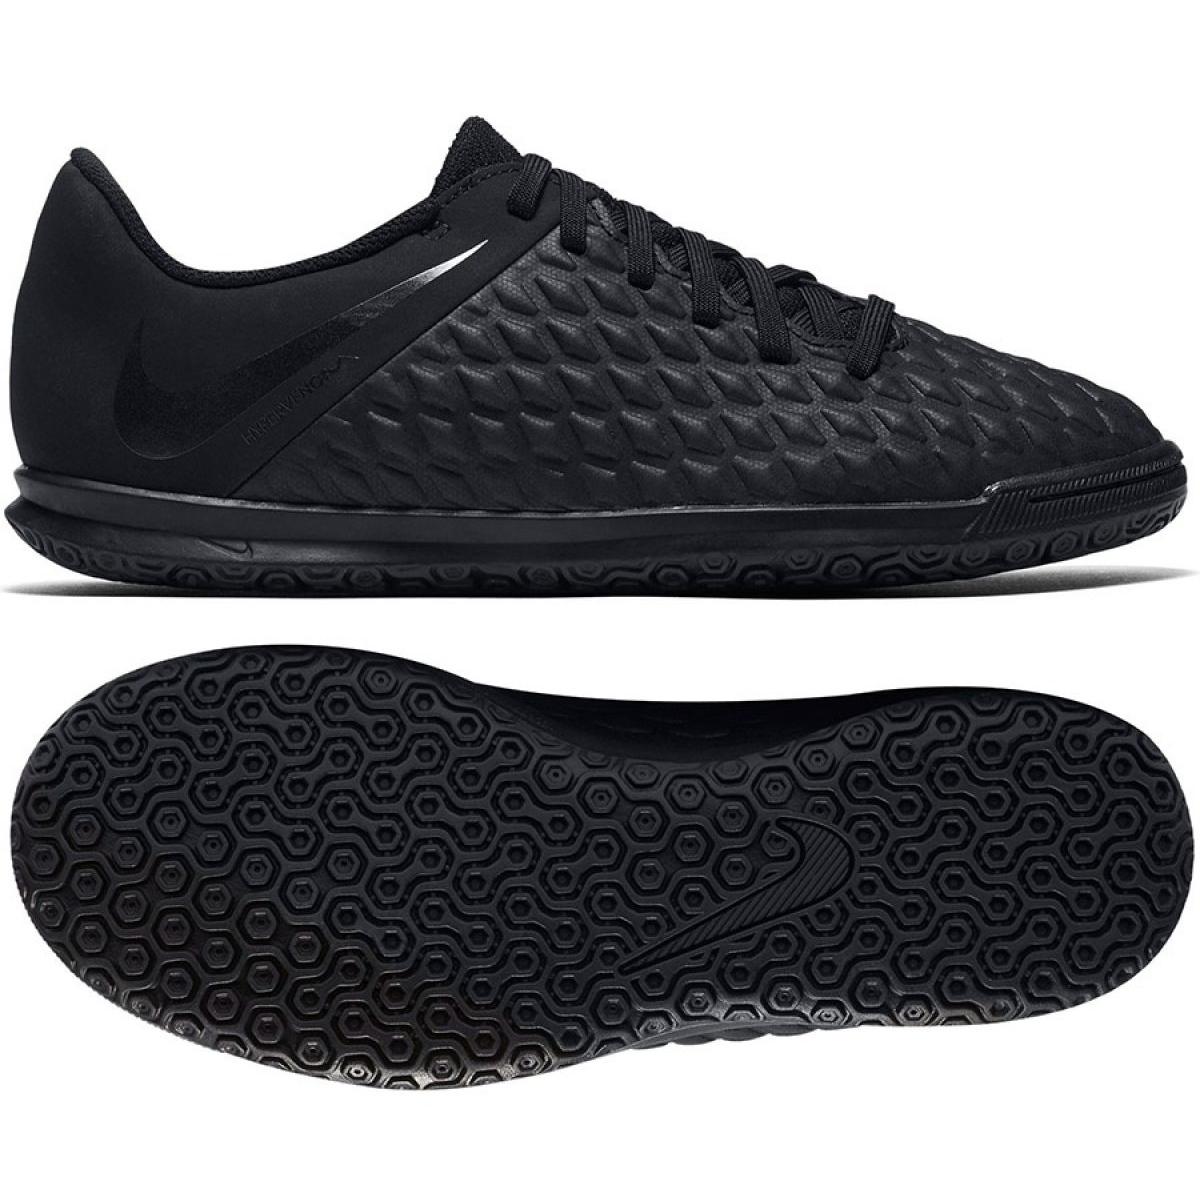 Darmowa dostawa sprzedaż tani Details about Football shoes Nike Hypervenom PhantomX 3 Club Ic Jr  AJ3789-001